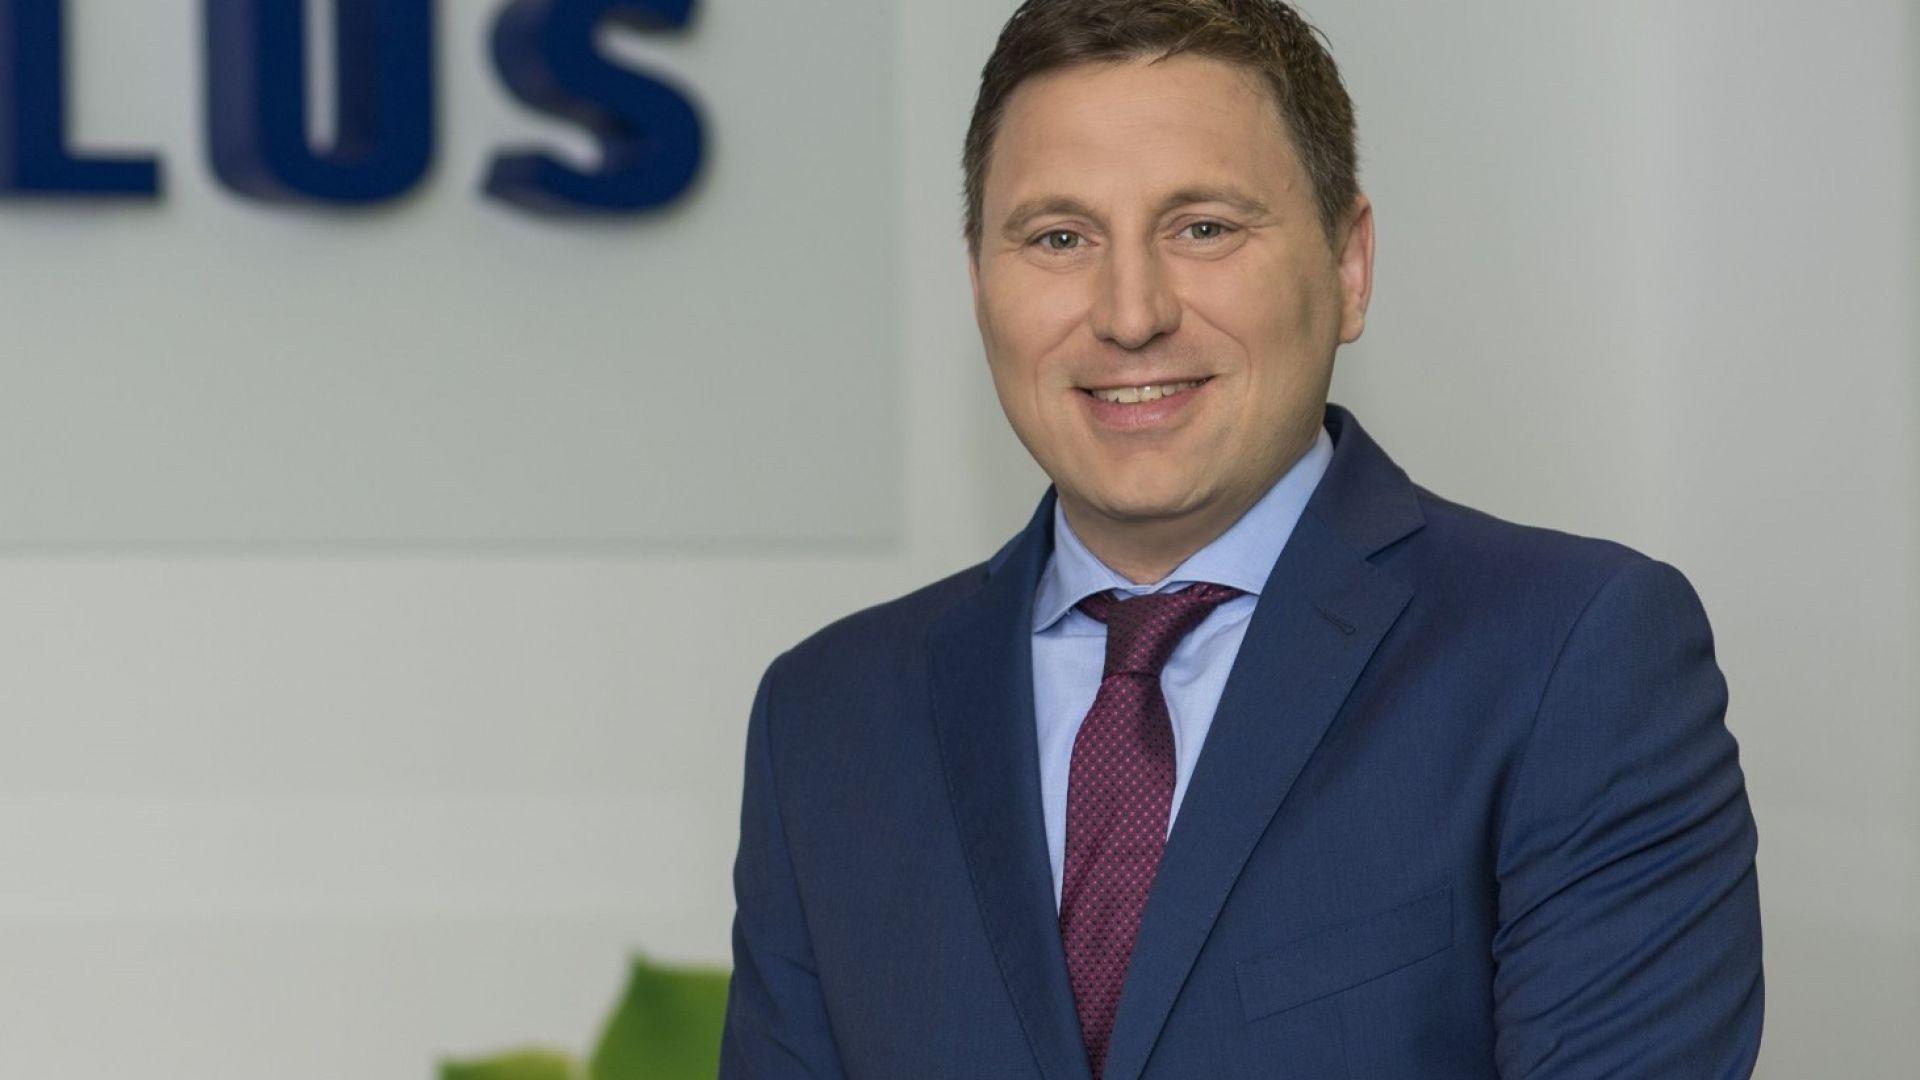 Юлиян Милев: Работа в България? Тук вече е по-добре, отколкото на Запад